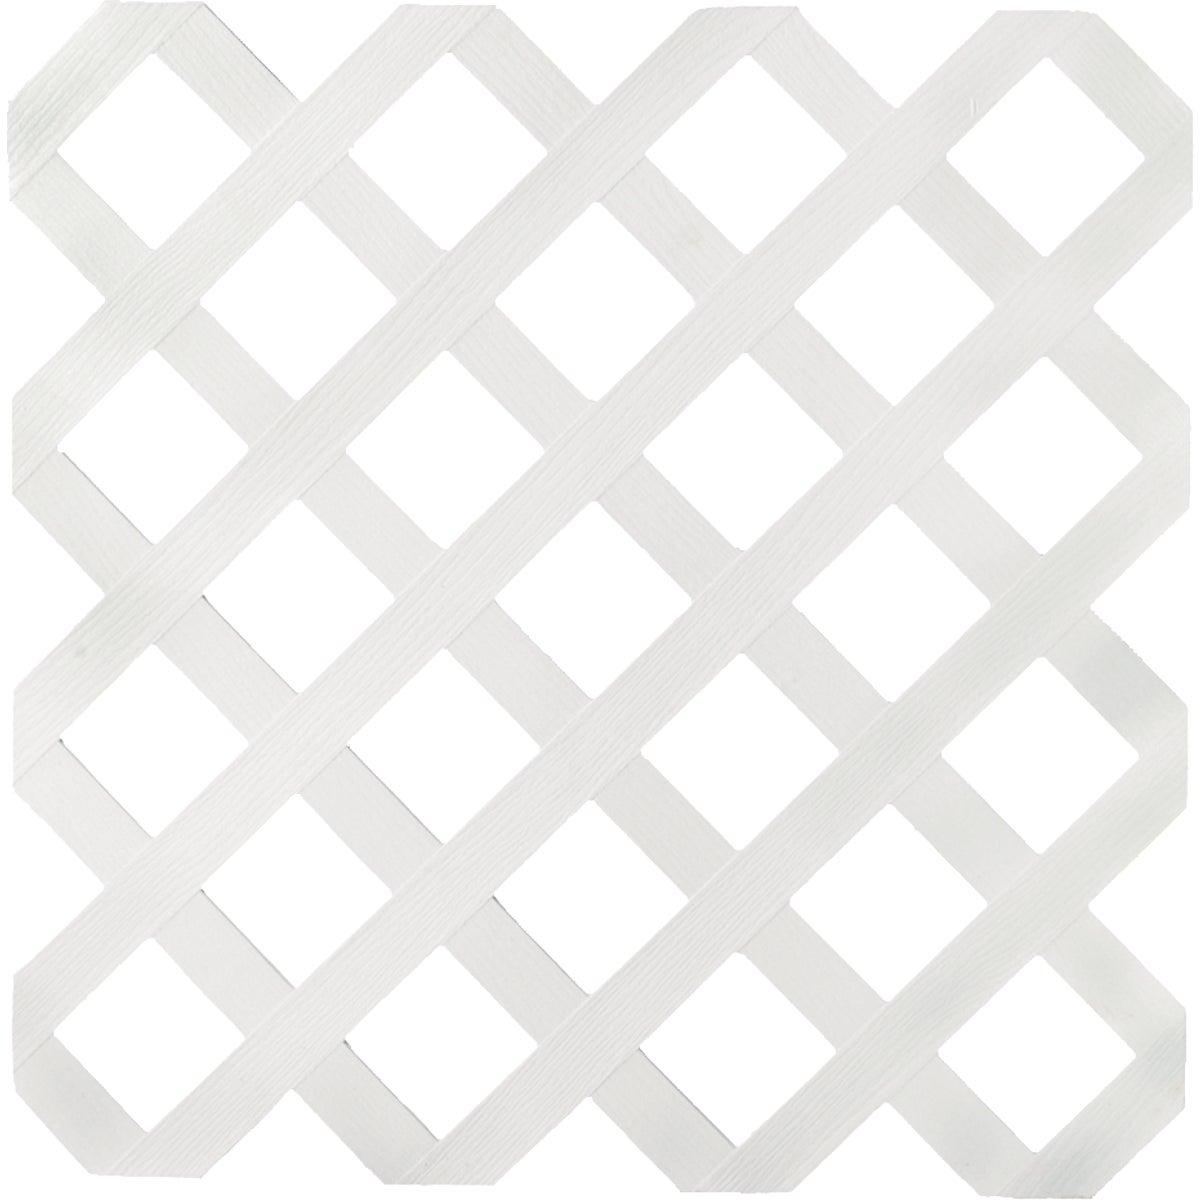 4X8 White Lattice